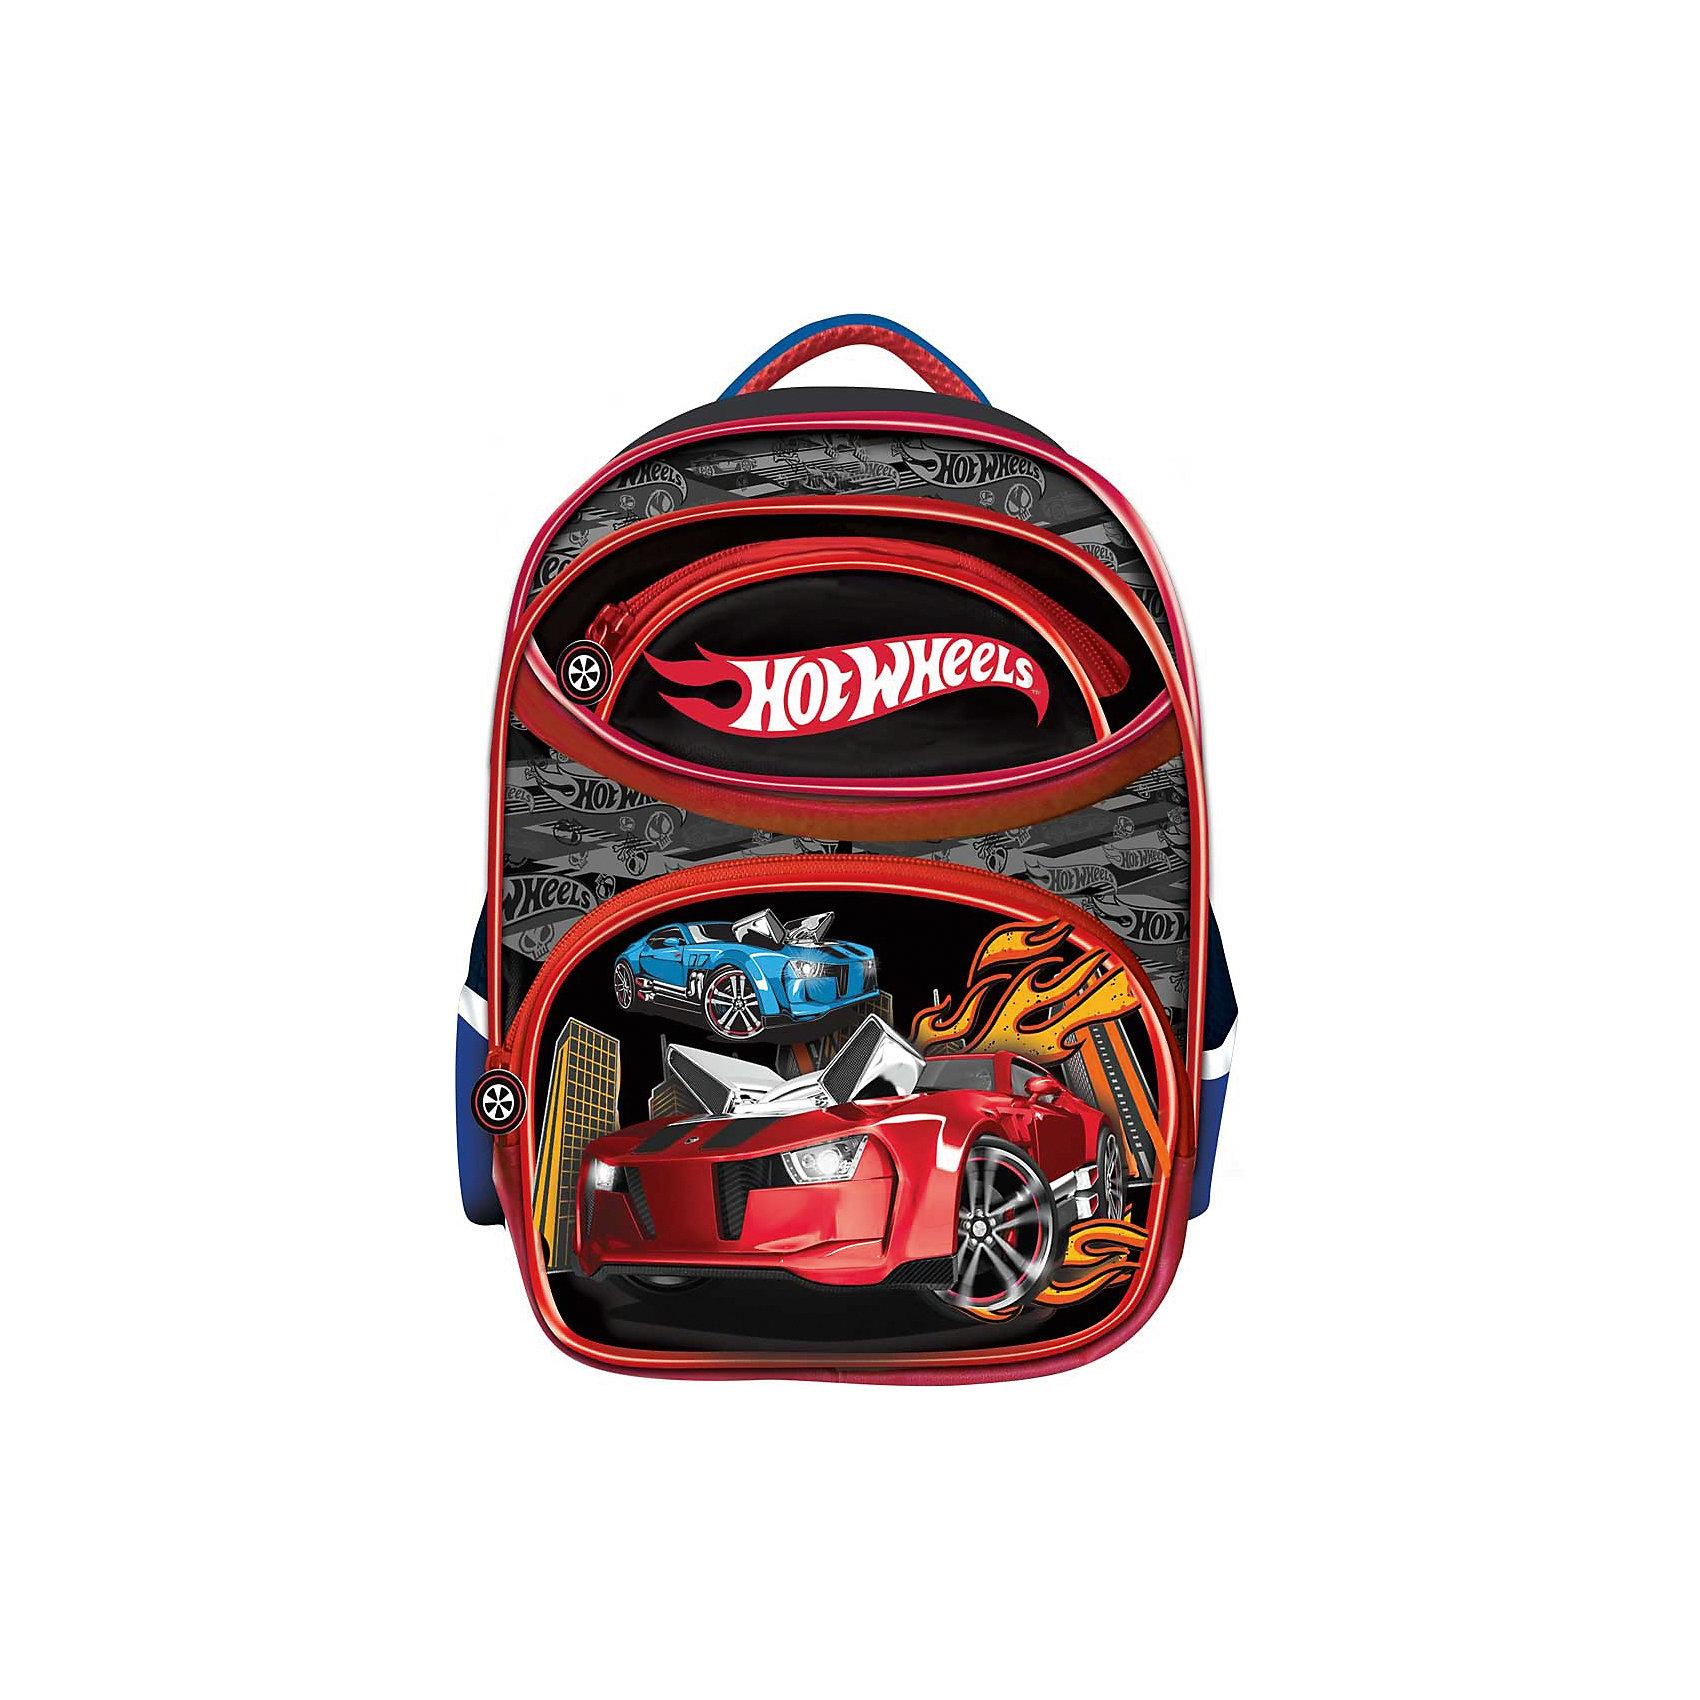 Ортопедический рюкзак Junior Superior, Hot WheelsОртопедический рюкзак Junior Superior, Hot Wheels (Хот Вилс) – этот удобный рюкзак станет незаменимым спутником вашего ребенка.<br>Ортопедический рюкзак Junior Superior, Hot Wheels (Хот Вилс), обладающий оригинальным дизайном и большой вместительностью, обязательно понравится вашему школьнику. Благодаря эргономической вентилируемой спинке позвоночник ребенка не будет испытывать больших нагрузок во время эксплуатации рюкзака. Широкие уплотненные регулируемые лямки позволяют адаптировать рюкзак к изменению роста ребенка. Рюкзак имеет два отделения, закрывающиеся на застежки-молнии, 2 передних кармана на молнии и два боковых кармана. Предусмотрена удобная ручка для переноски. Светоотражающие полосы сделают ребенка заметным на проезжей части в темное время суток и в сумерках.<br><br>Дополнительная информация:<br><br>- Размер упаковки: 40х4х32 см.<br>- Вес в упаковке: 910 гр.<br><br>Ортопедический рюкзак Junior Superior, Hot Wheels (Хот Вилс) можно купить в нашем интернет-магазине.<br><br>Ширина мм: 400<br>Глубина мм: 40<br>Высота мм: 320<br>Вес г: 910<br>Возраст от месяцев: 48<br>Возраст до месяцев: 96<br>Пол: Женский<br>Возраст: Детский<br>SKU: 4700027